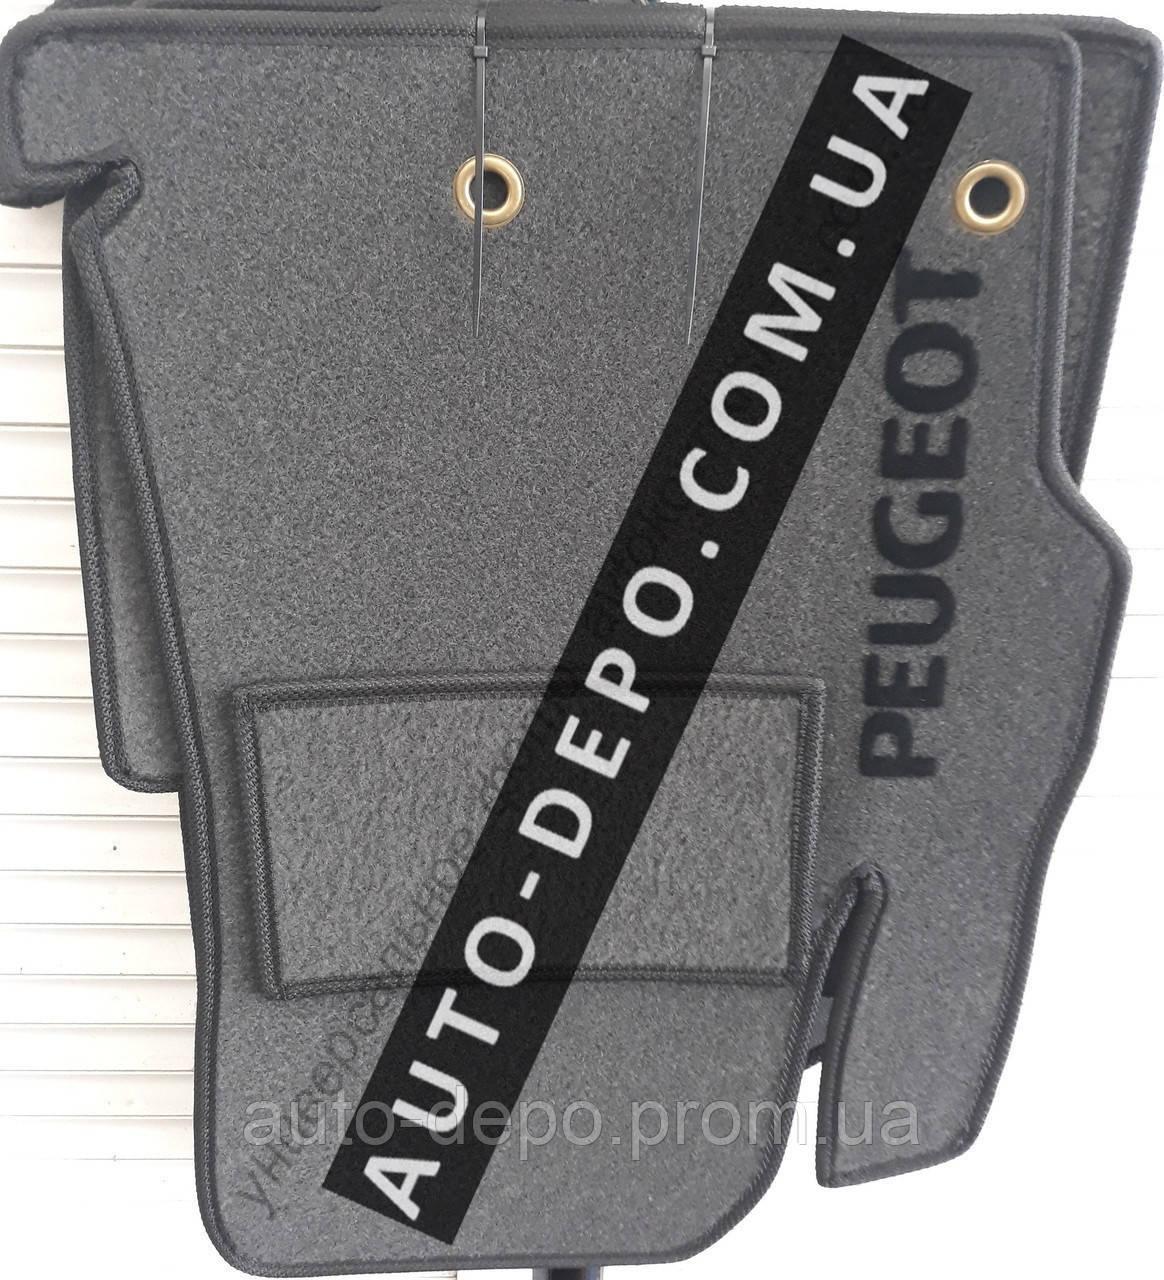 Ворсові килимки салону Peugeot 607 1999-2010 VIP ЛЮКС АВТО-ВОРС